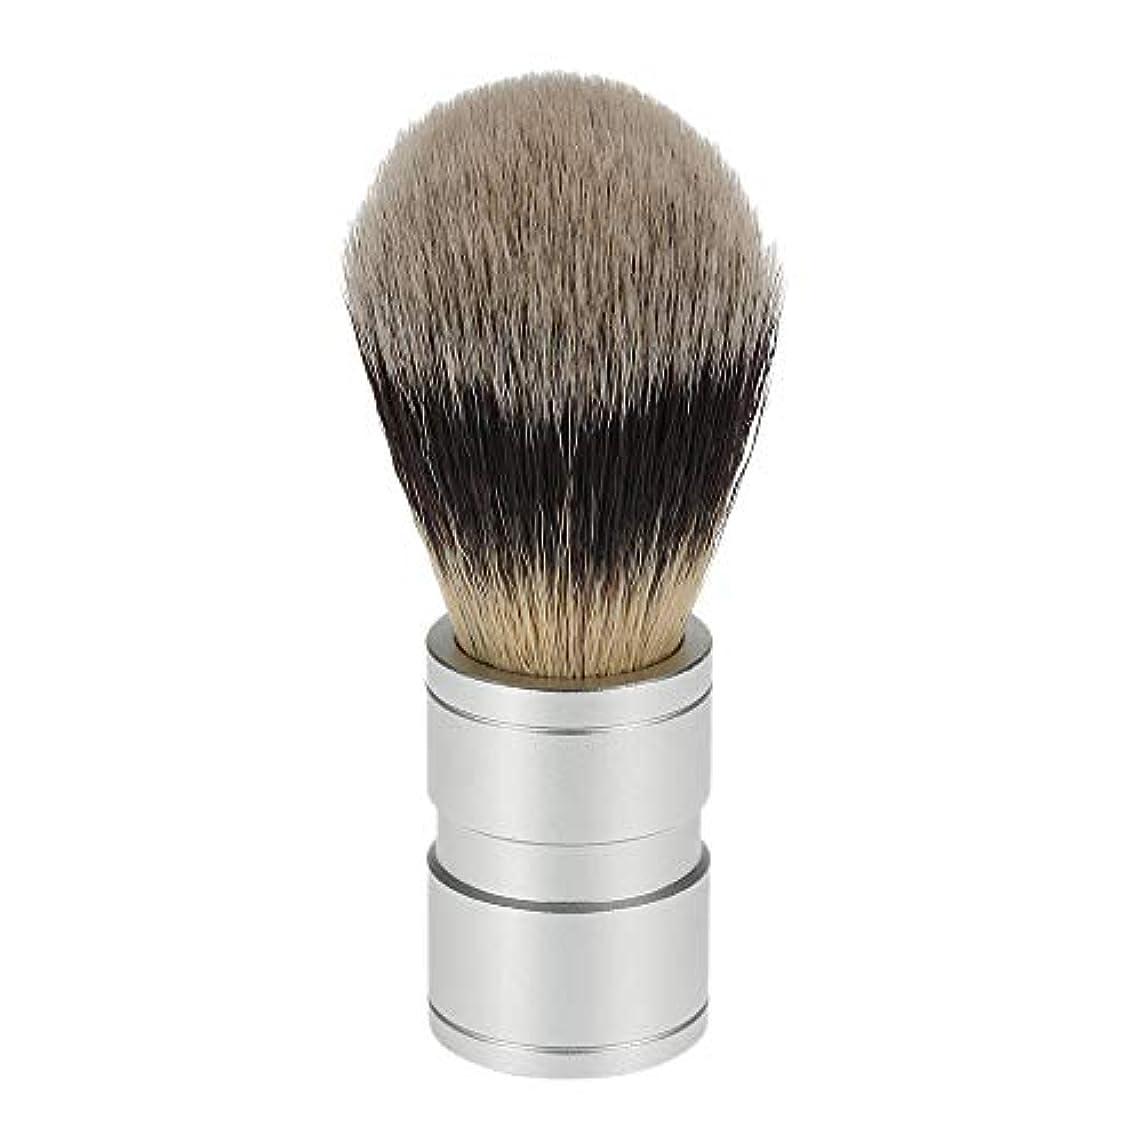 メタルライン祝福現実的RETYLY 1ピース 男性のヘアシェービングブラシ ステンレス金属ハンドル ソフト合成ナイロンヘア理髪ブラシ 快適な ひげ剃りツール